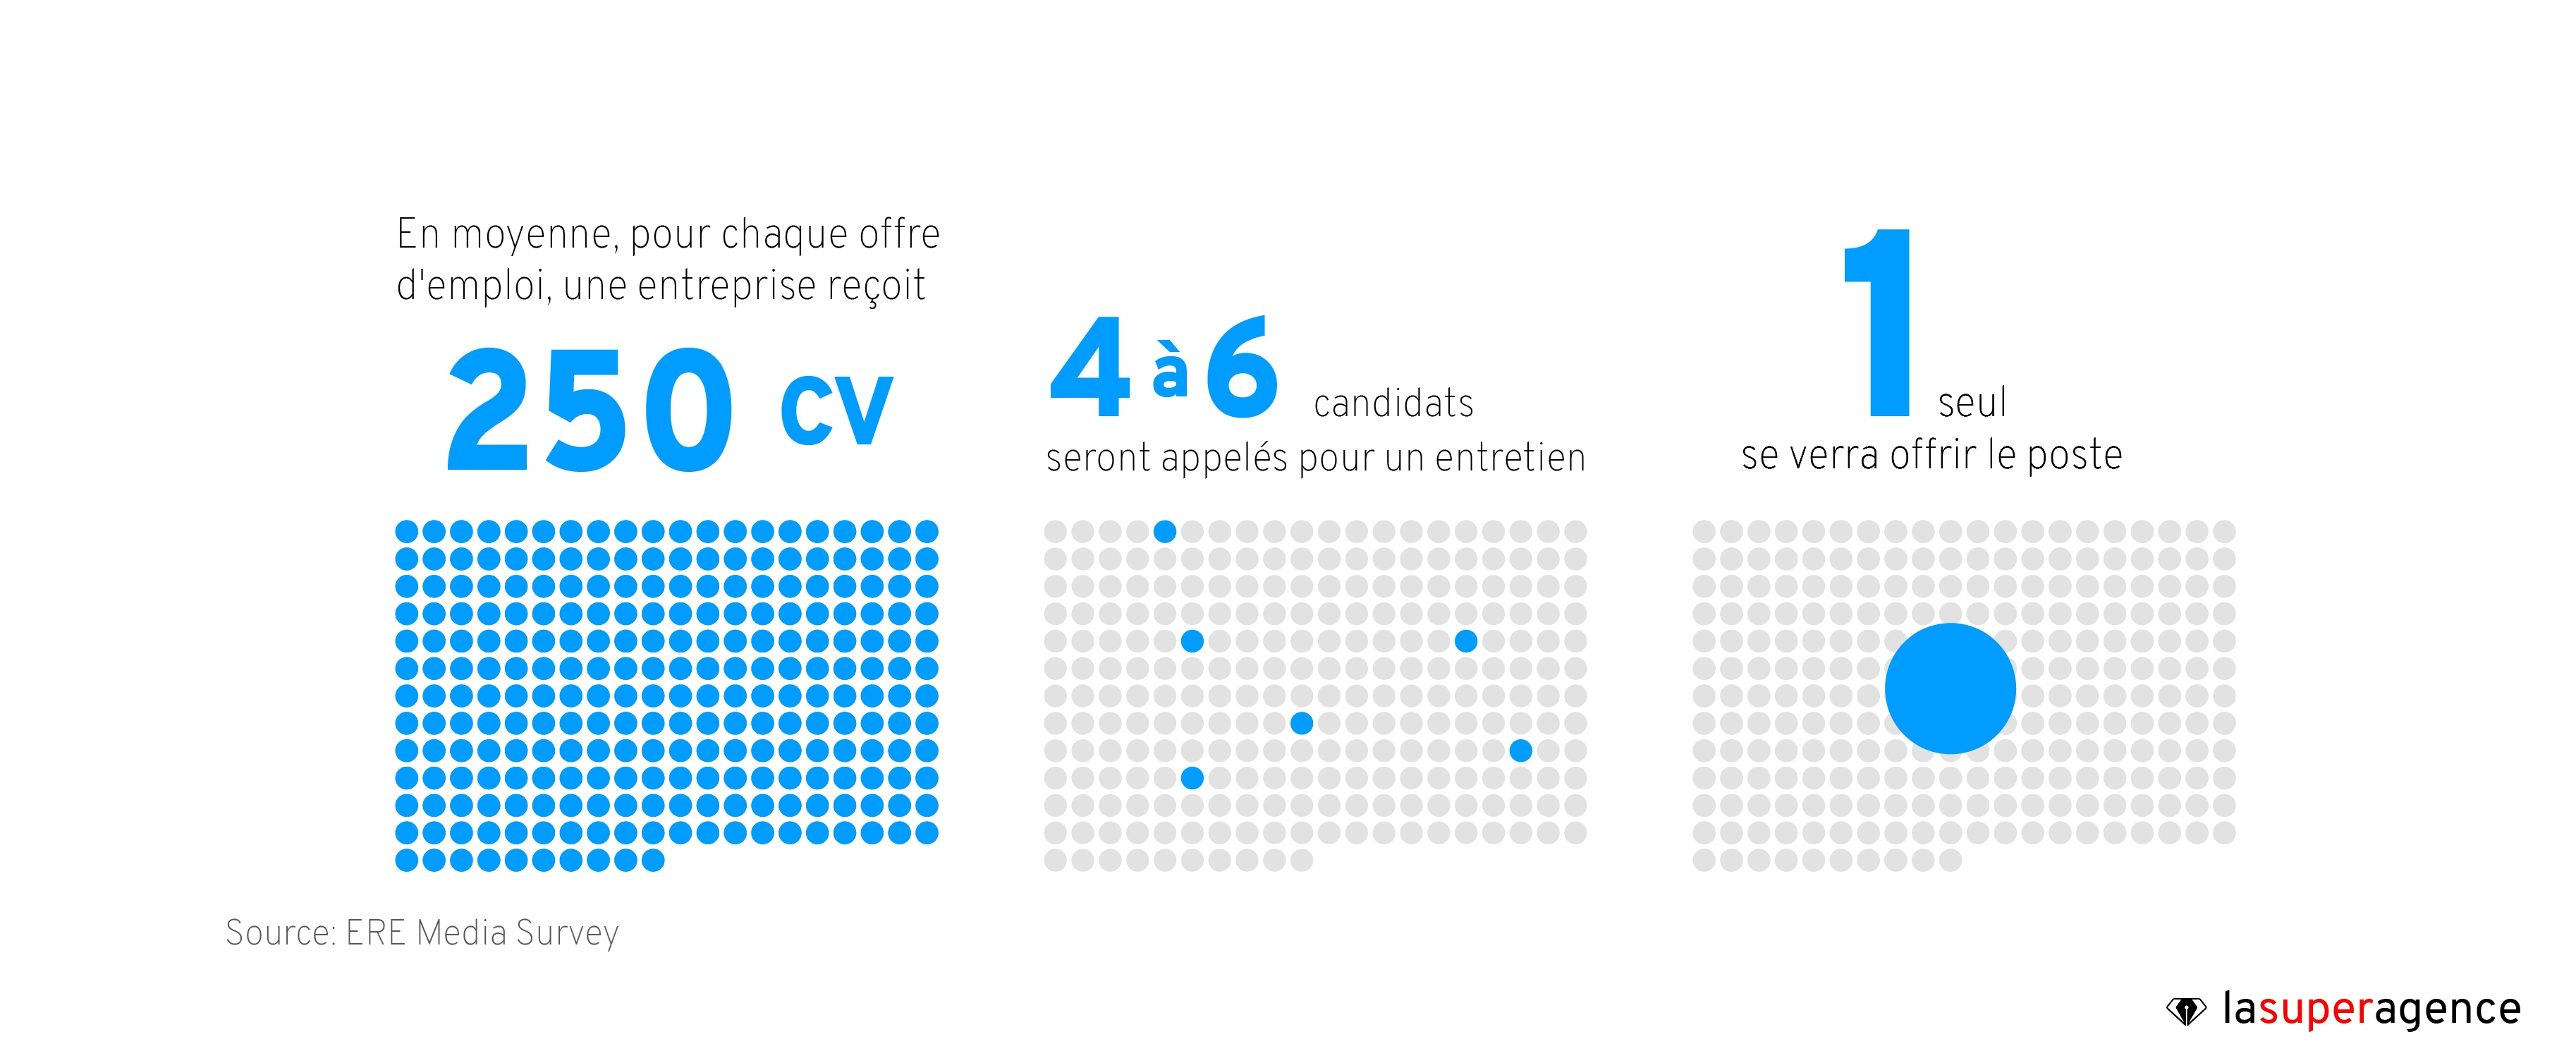 250 CV pour une seul candidat. Personnalisez le dépôt de candidature pour mieux filtrer les candidatures.